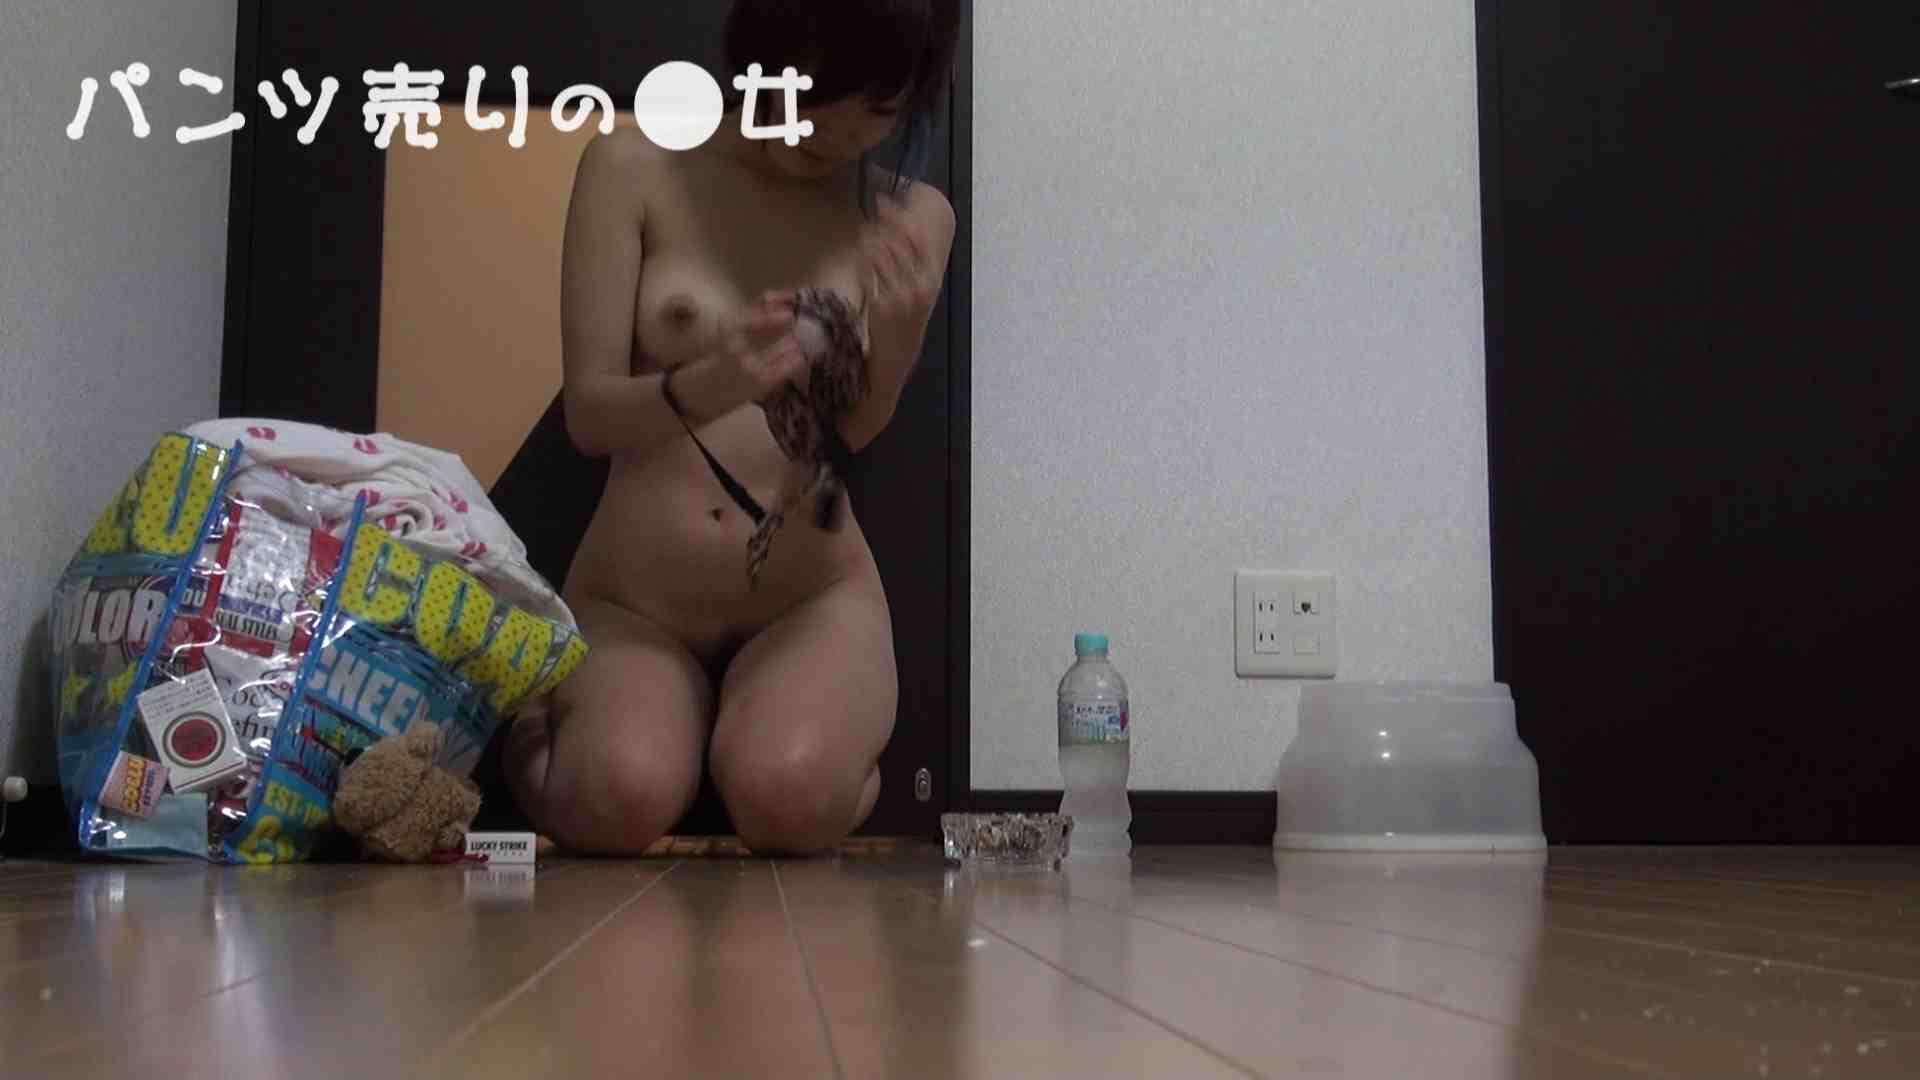 新説 パンツ売りの女の子nana02 一般投稿  97pic 18